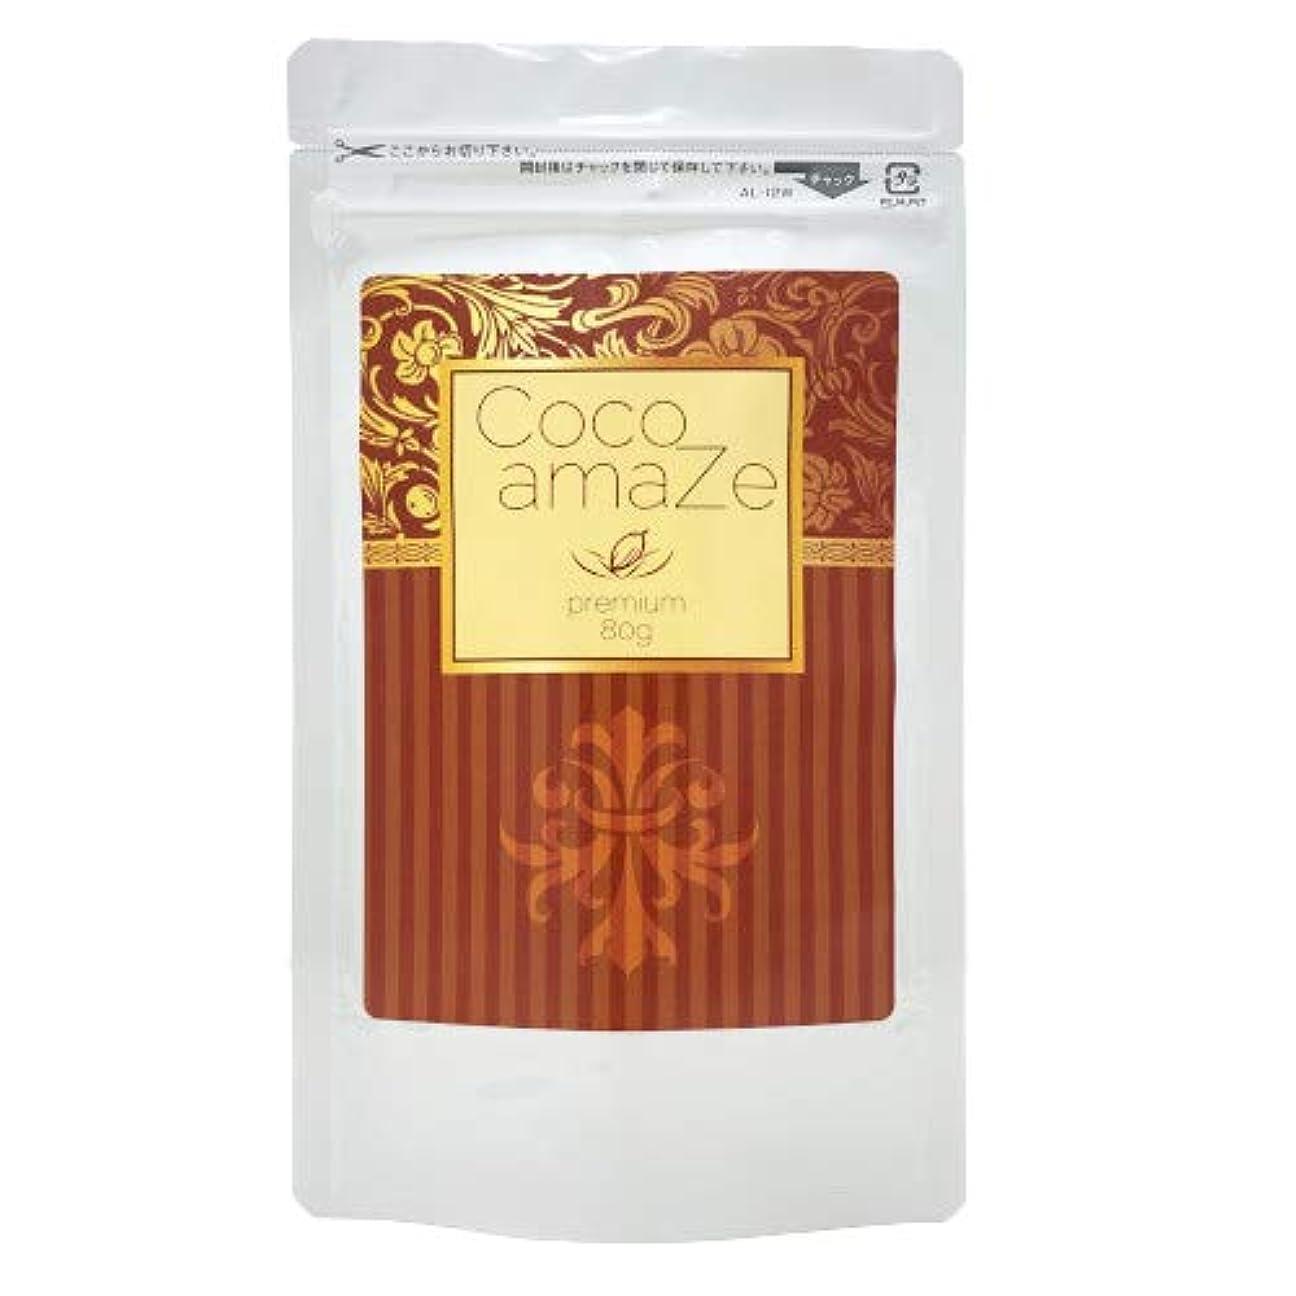 不信居心地の良いきれいにココアメイズ ダイエットドリンク 80g ダイエットココア キャンドルブッシュ